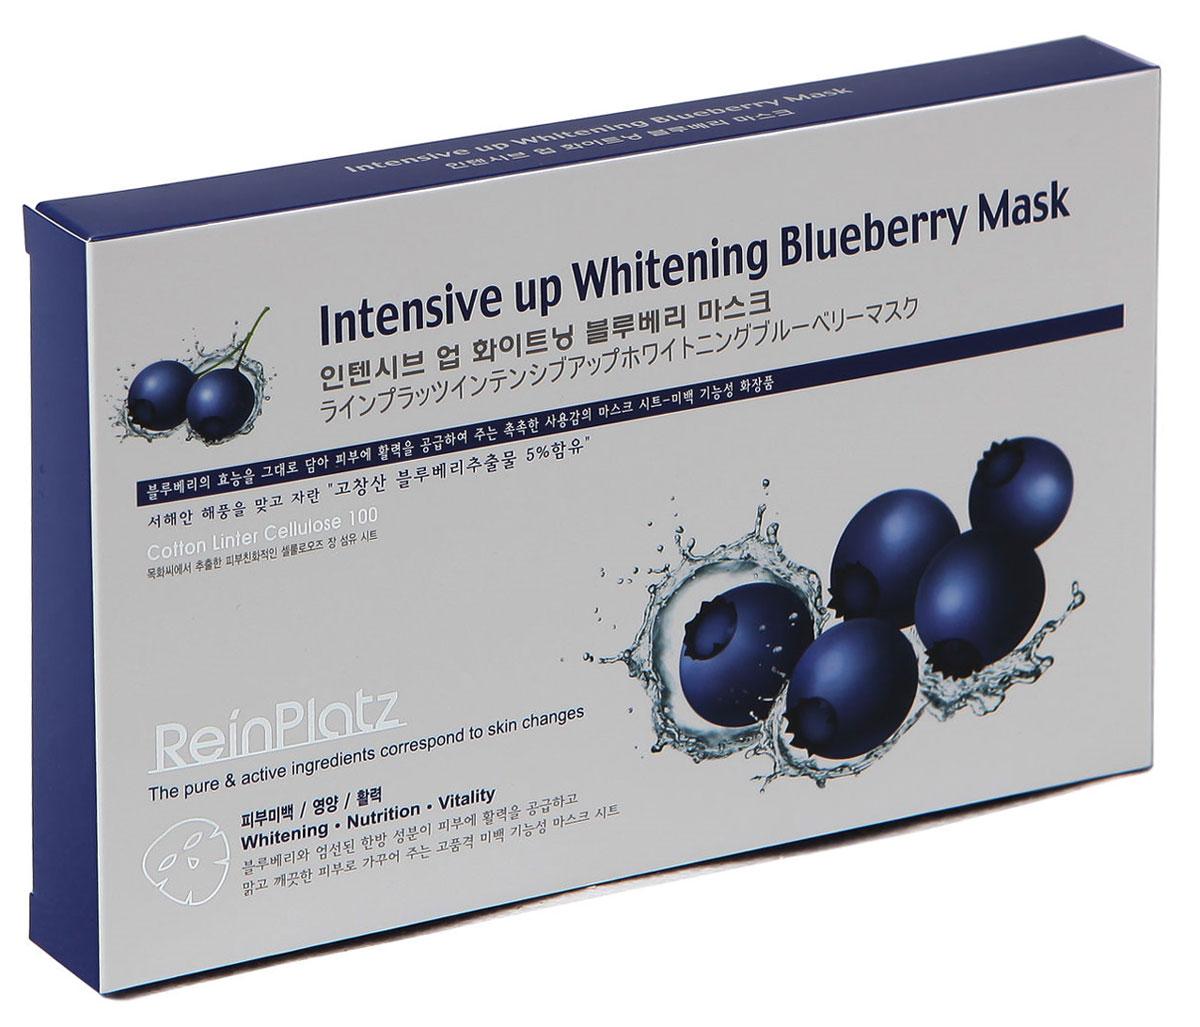 LS Cosmetic Маска для лица с экстрактом голубики, 25 гFS-54102Лицевая маска-салфетка с голубикой содержит Витамин В3 (ниацинамид), который обладает несколькими мощными эффектами - увеличение церамидов и свободных жирных кислот в коже – то есть восстанавливается нарушенная барьерная функция кожи и уменьшается потеря влаги. Таким образом ниацинамид предохраняет кожу от обезвоживания и стимулирует микроциркуляцию в дерме. Он также может выравнивать неровный тон кожи, смягчать проявление акне и убирать красные следы пост-акне (известные как пост-противовоспалительная гиперпигментация кожи). Ниацинамид особенно подходит для тех, кто борется с морщинами и акне. Маска содержит Витамин С (натрия аскорбилфосфат), который помогает осветлить и очистить лицо (антиокислительное действие, стимуляция синтеза коллагена в дермальном слое, уменьшение гиперпигментации и осветление кожи), а так же Витамин Е (токоферолацетат), который укрепляет и защищает кожу и держит ее здоровой. Флавониды (витамин Р) укрепляют стенки сосудов, нормализуют кровообращение и обладают мощным антиоксидантным действием. Маска отлично увлажняет кожу, удаляет шероховатости на поверхности лица и успокаивает. Делает лицо здоровым, упругим и чистым. Подходит для любого типа кожи. Ваша кожа всегда выглядит молодо!